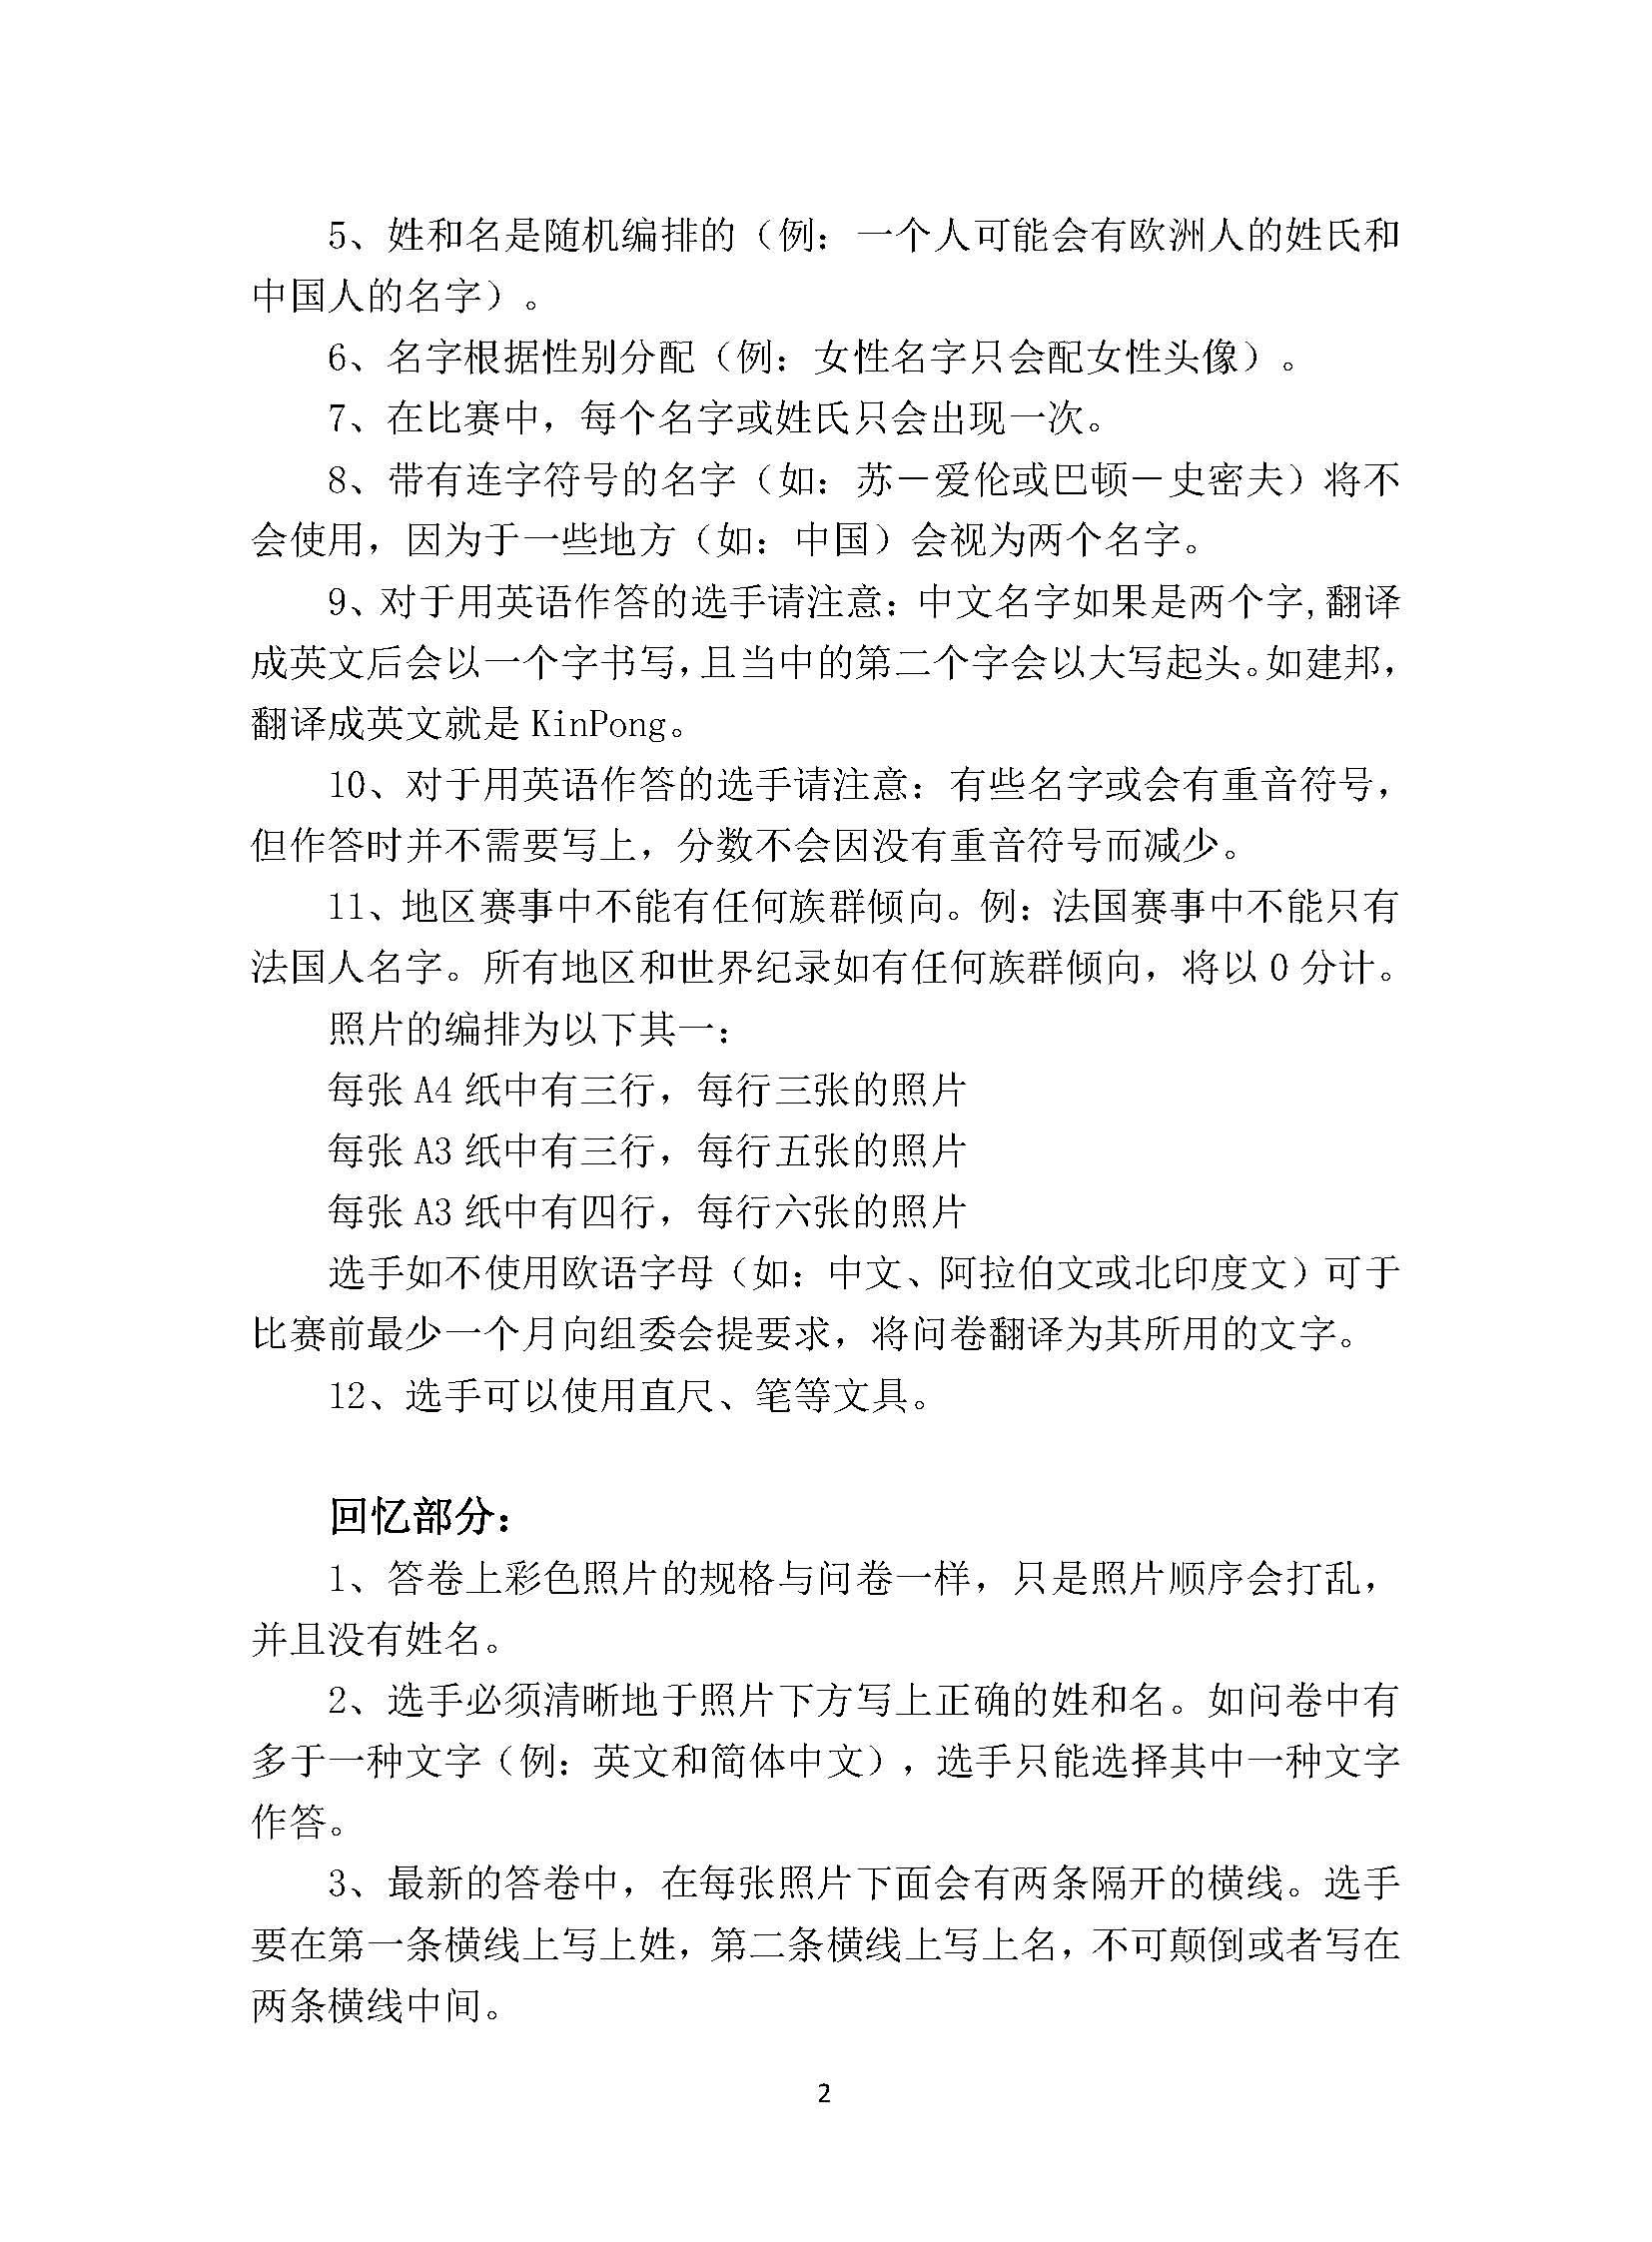 2019WMC选手训练手册-十大项目规则_页面_02